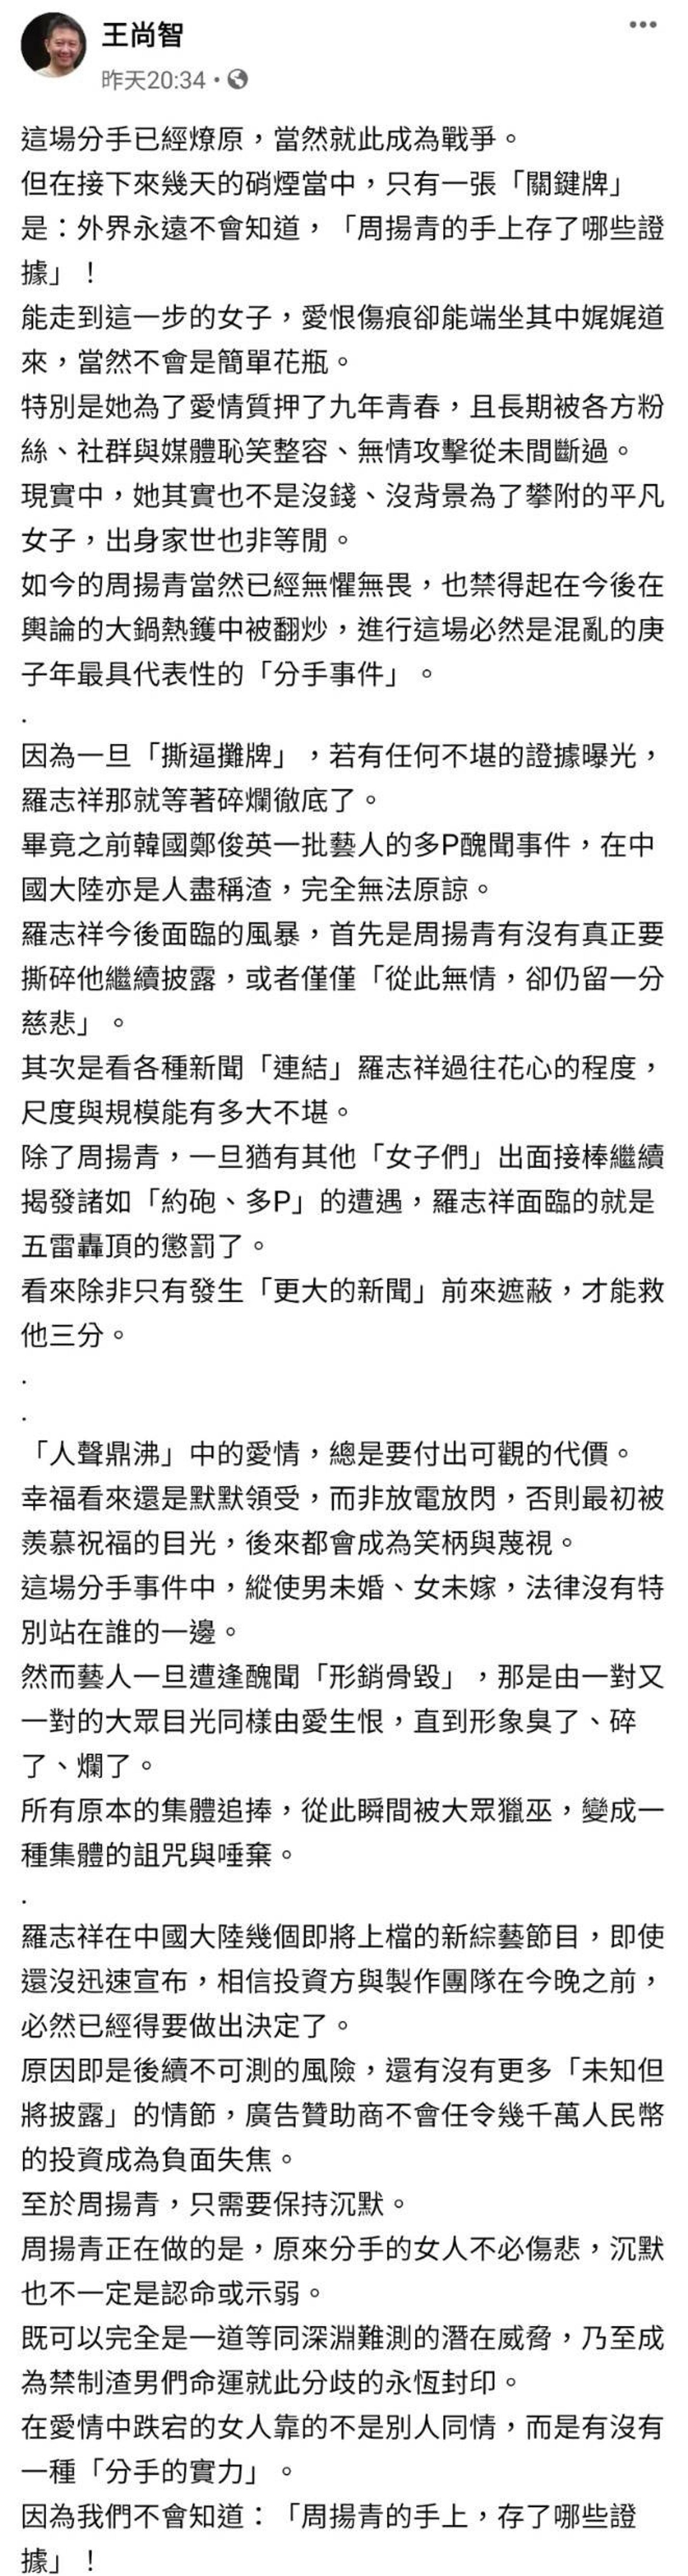 台灣資深傳媒人王尚智指周揚青非常高明,其「教科書級分手信」令羅志祥難以翻身(fb@王尚智)